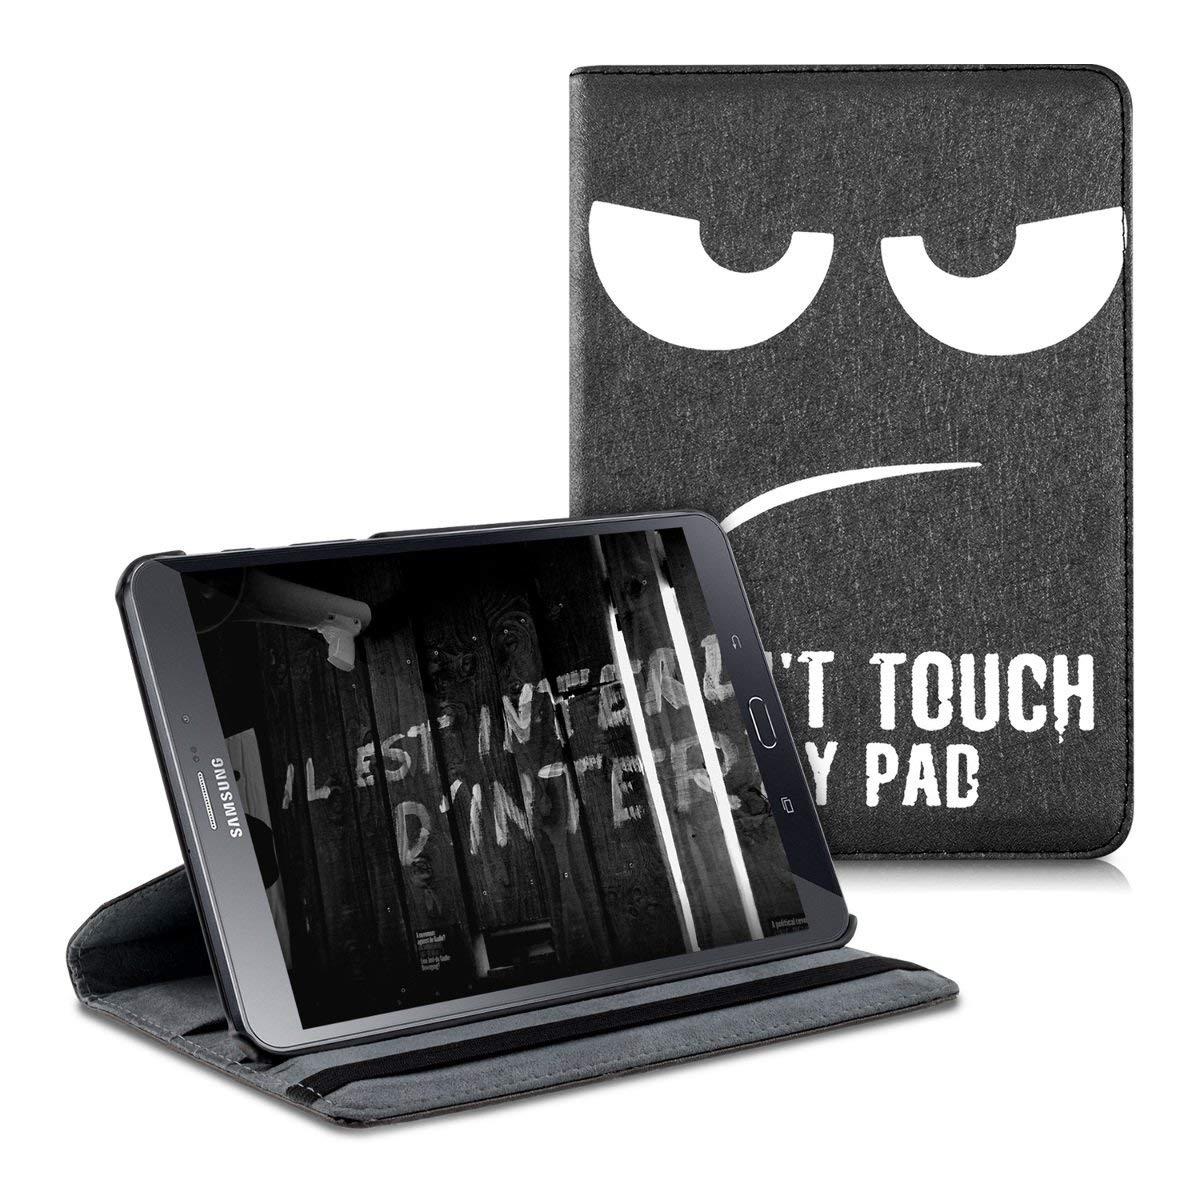 Θήκη tablet Samsung Galaxy S2 8.0